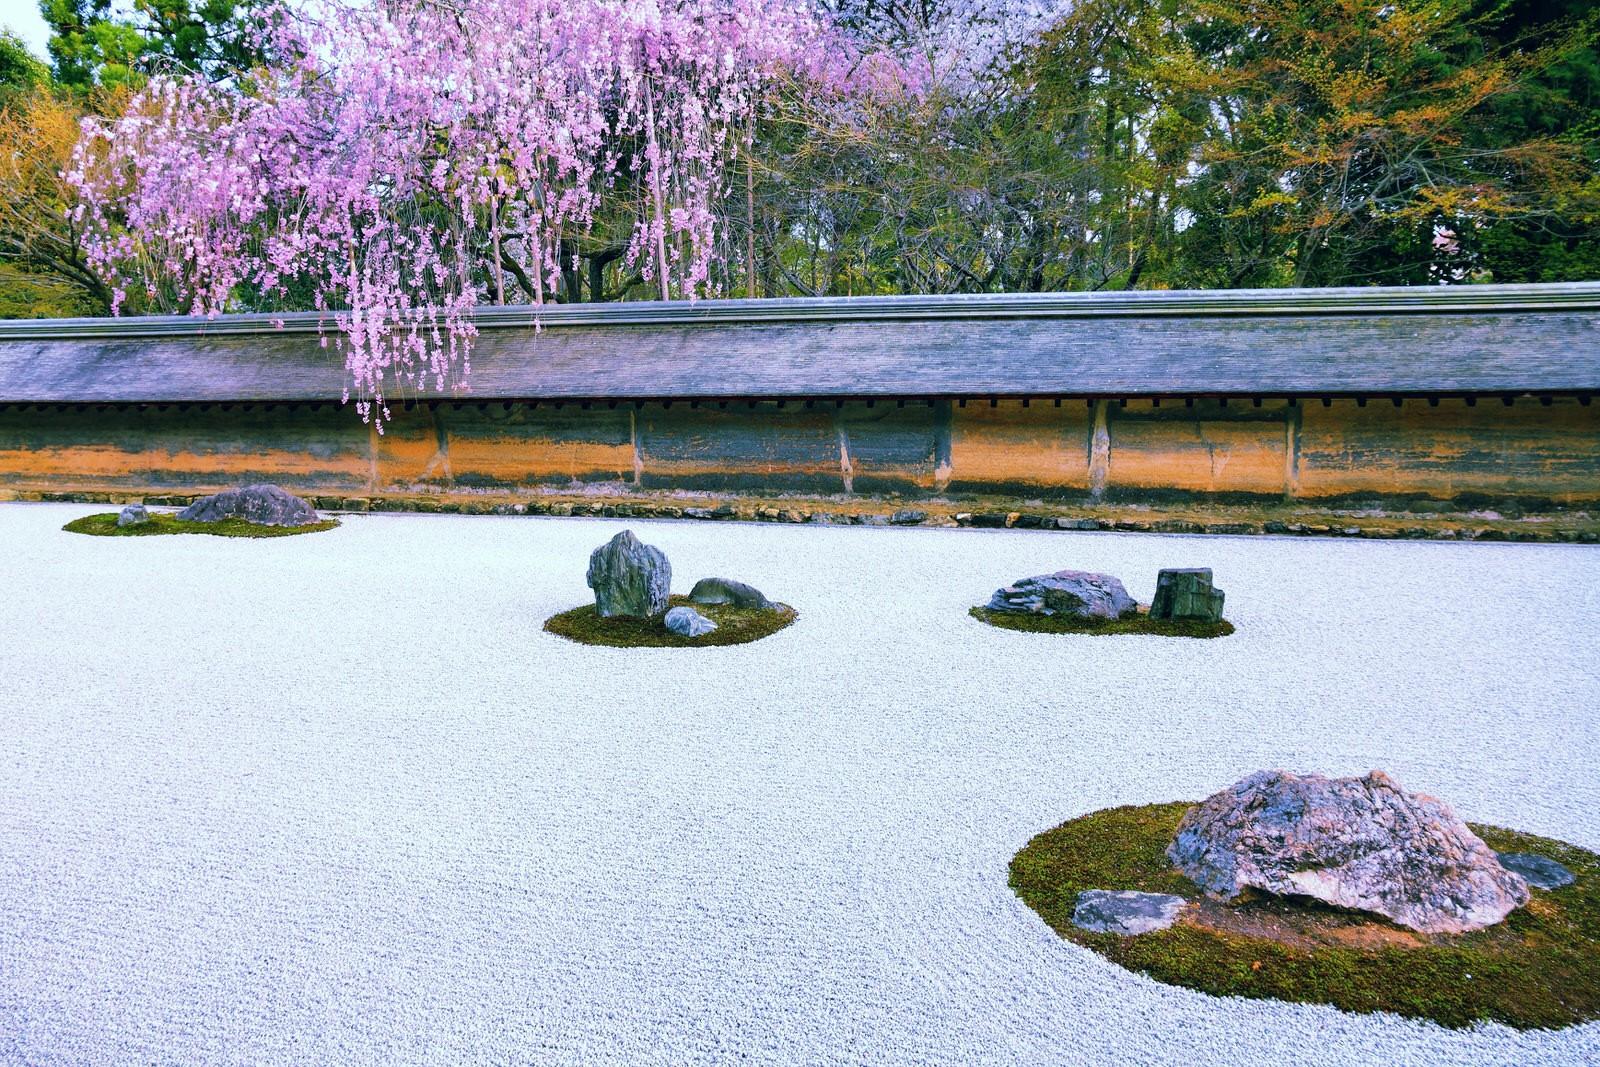 Сколько камней в саду Реандзи?